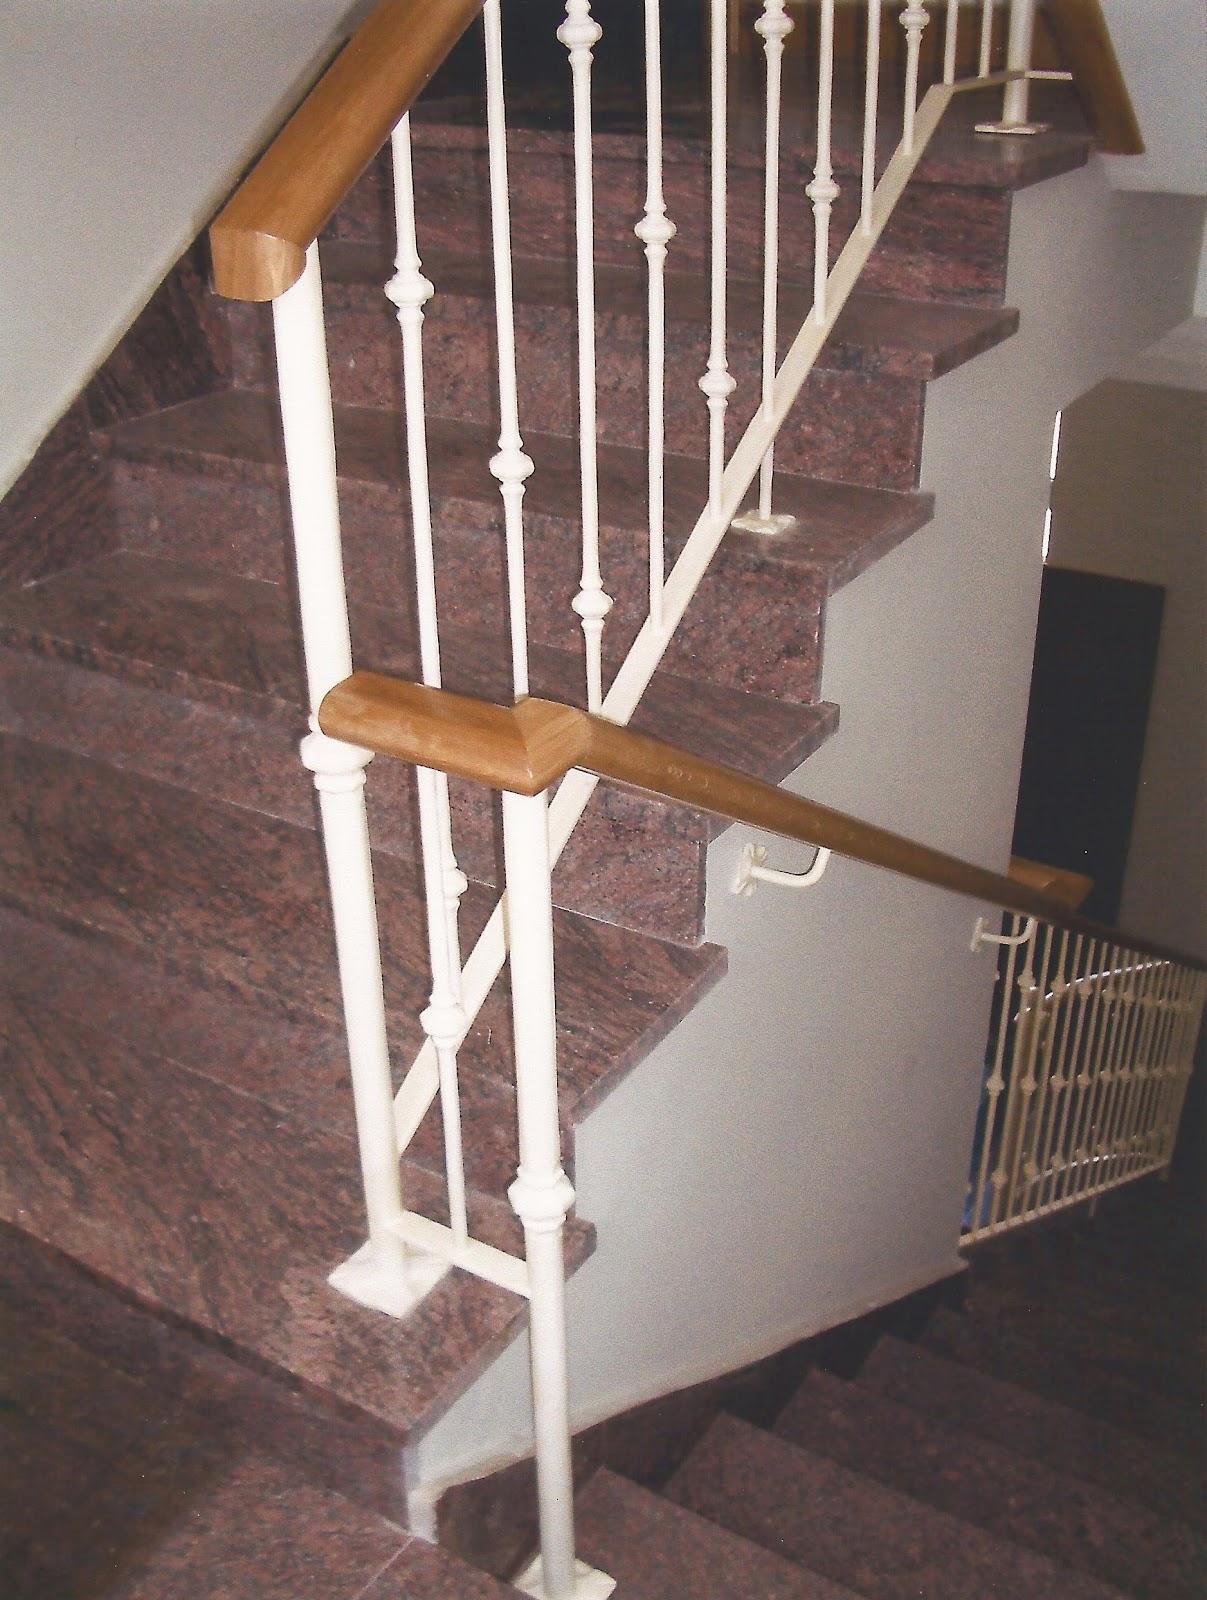 Talleres gra a s l pasamanos de hierro a coru a - Escaleras de hierro forjado ...